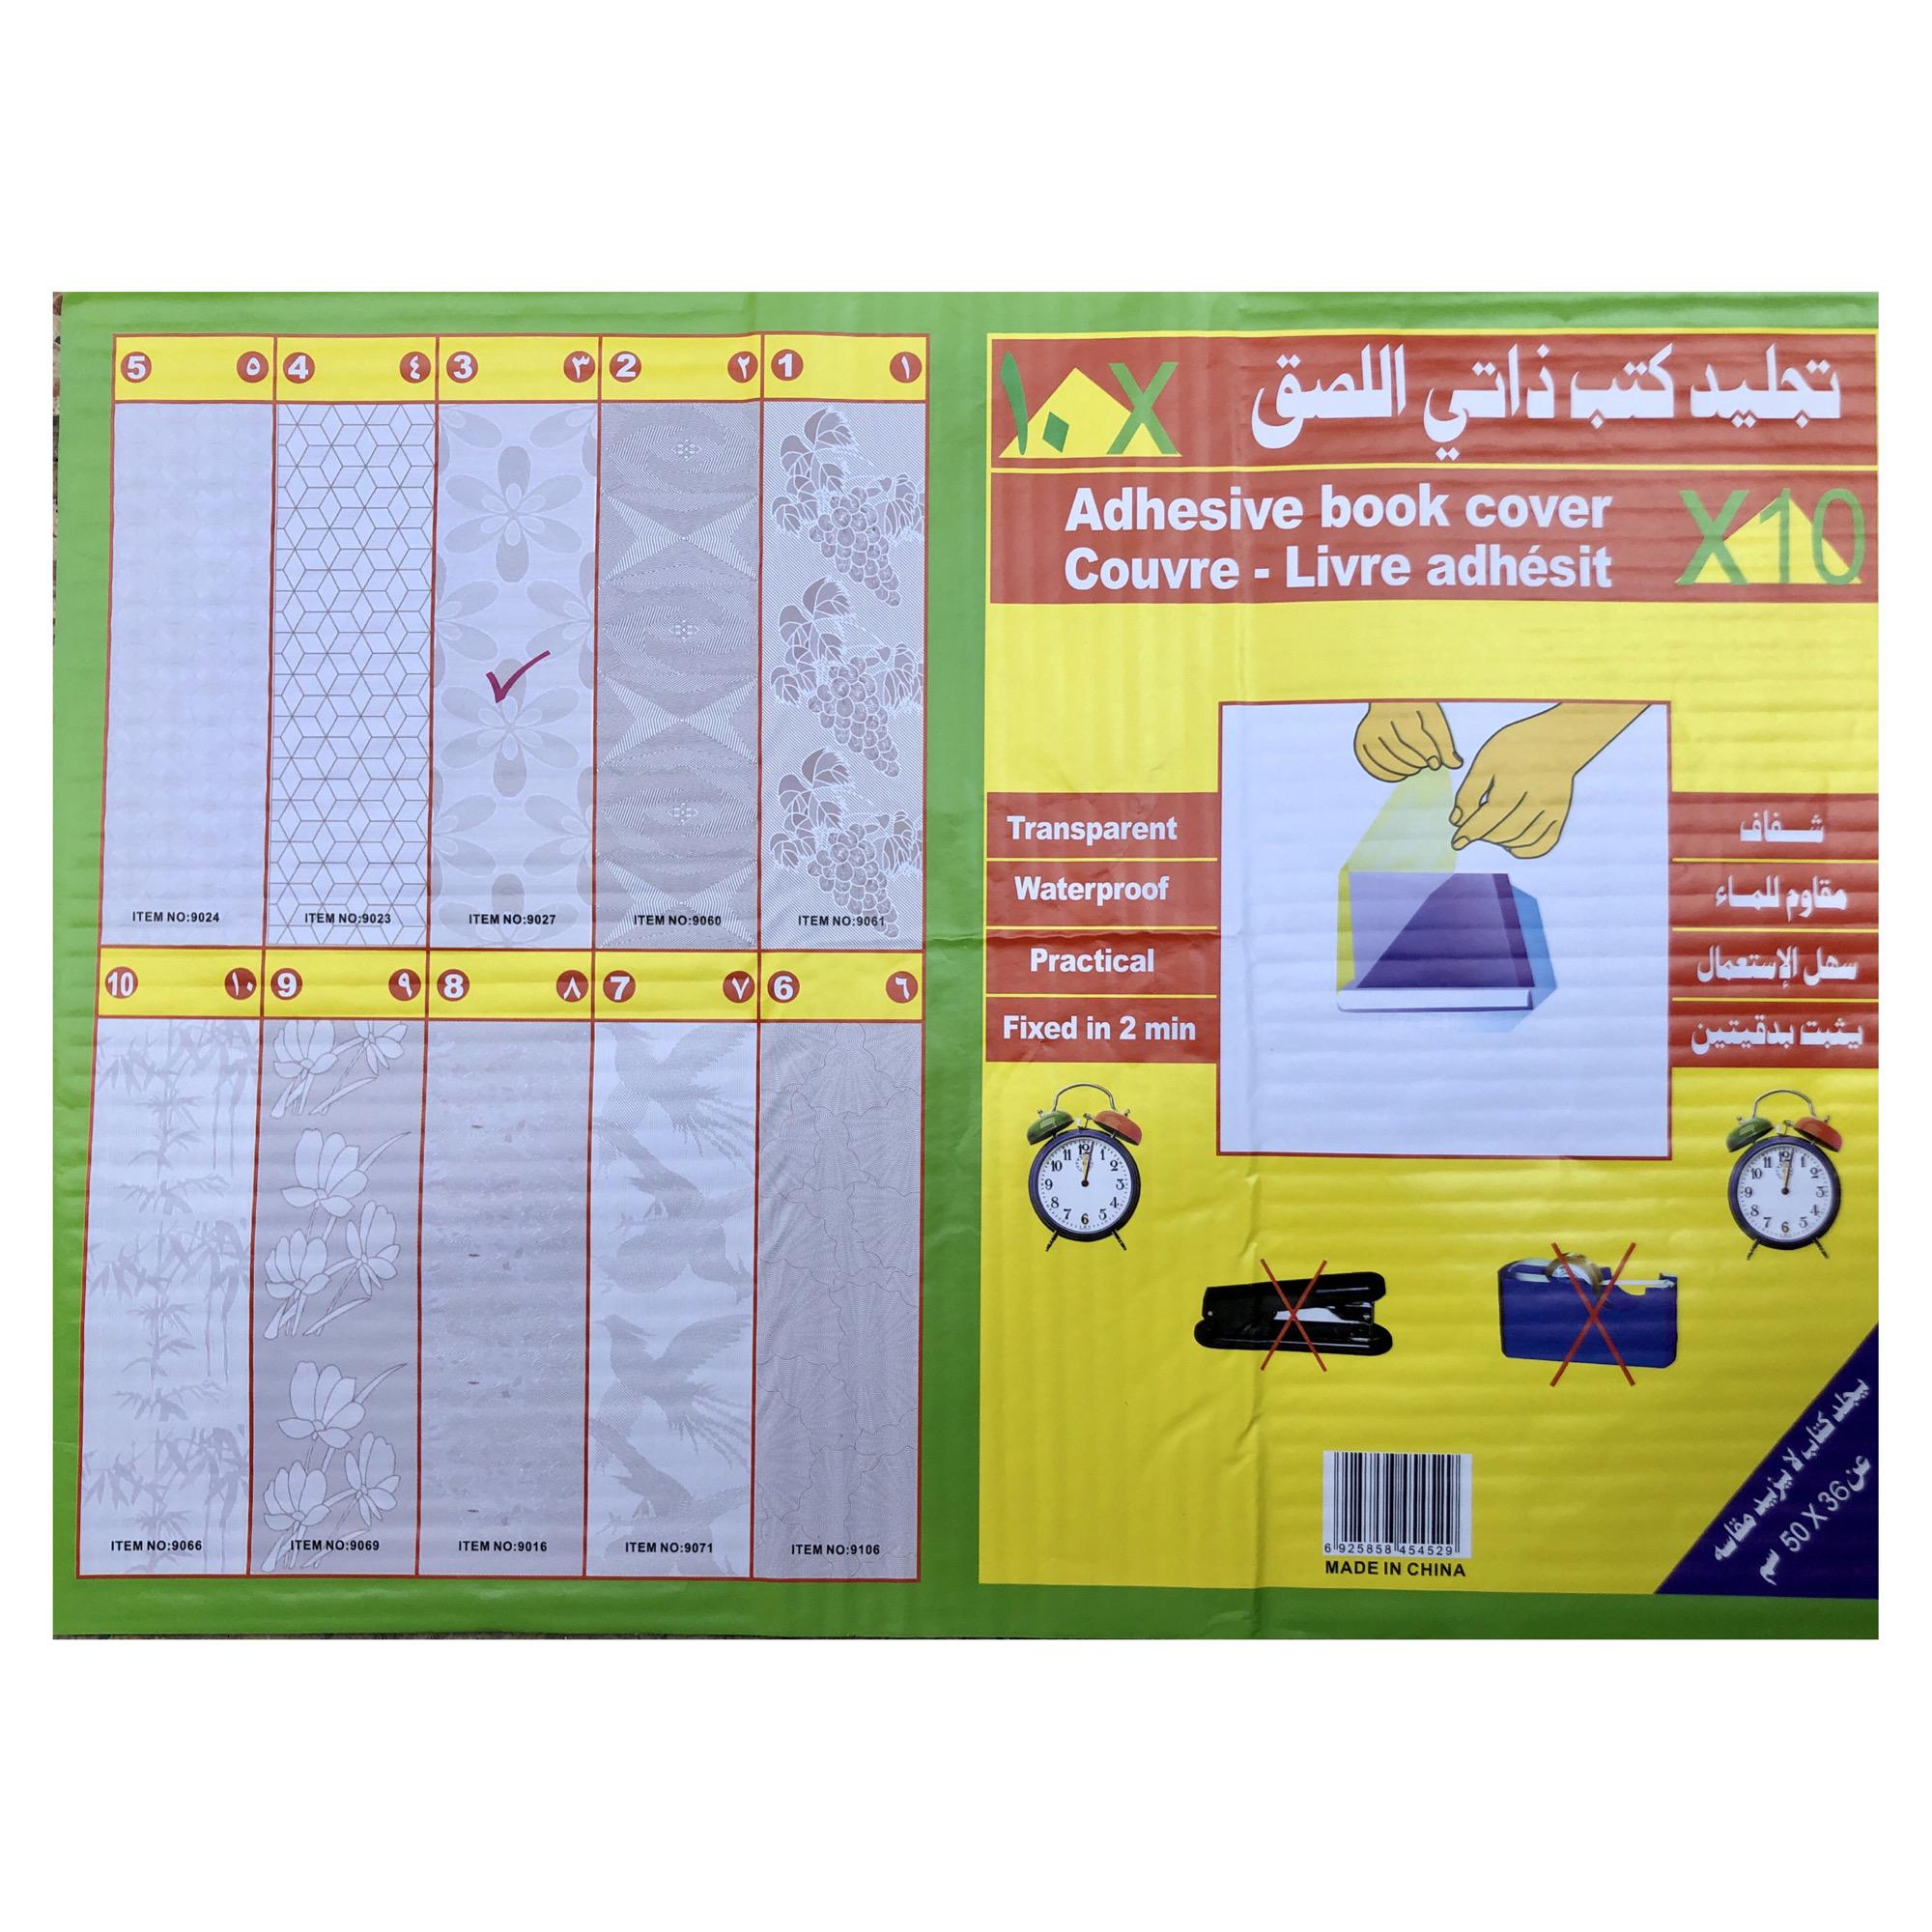 جلد کتاب چسبی کد ۰۳ بسته ۱۰ عددی